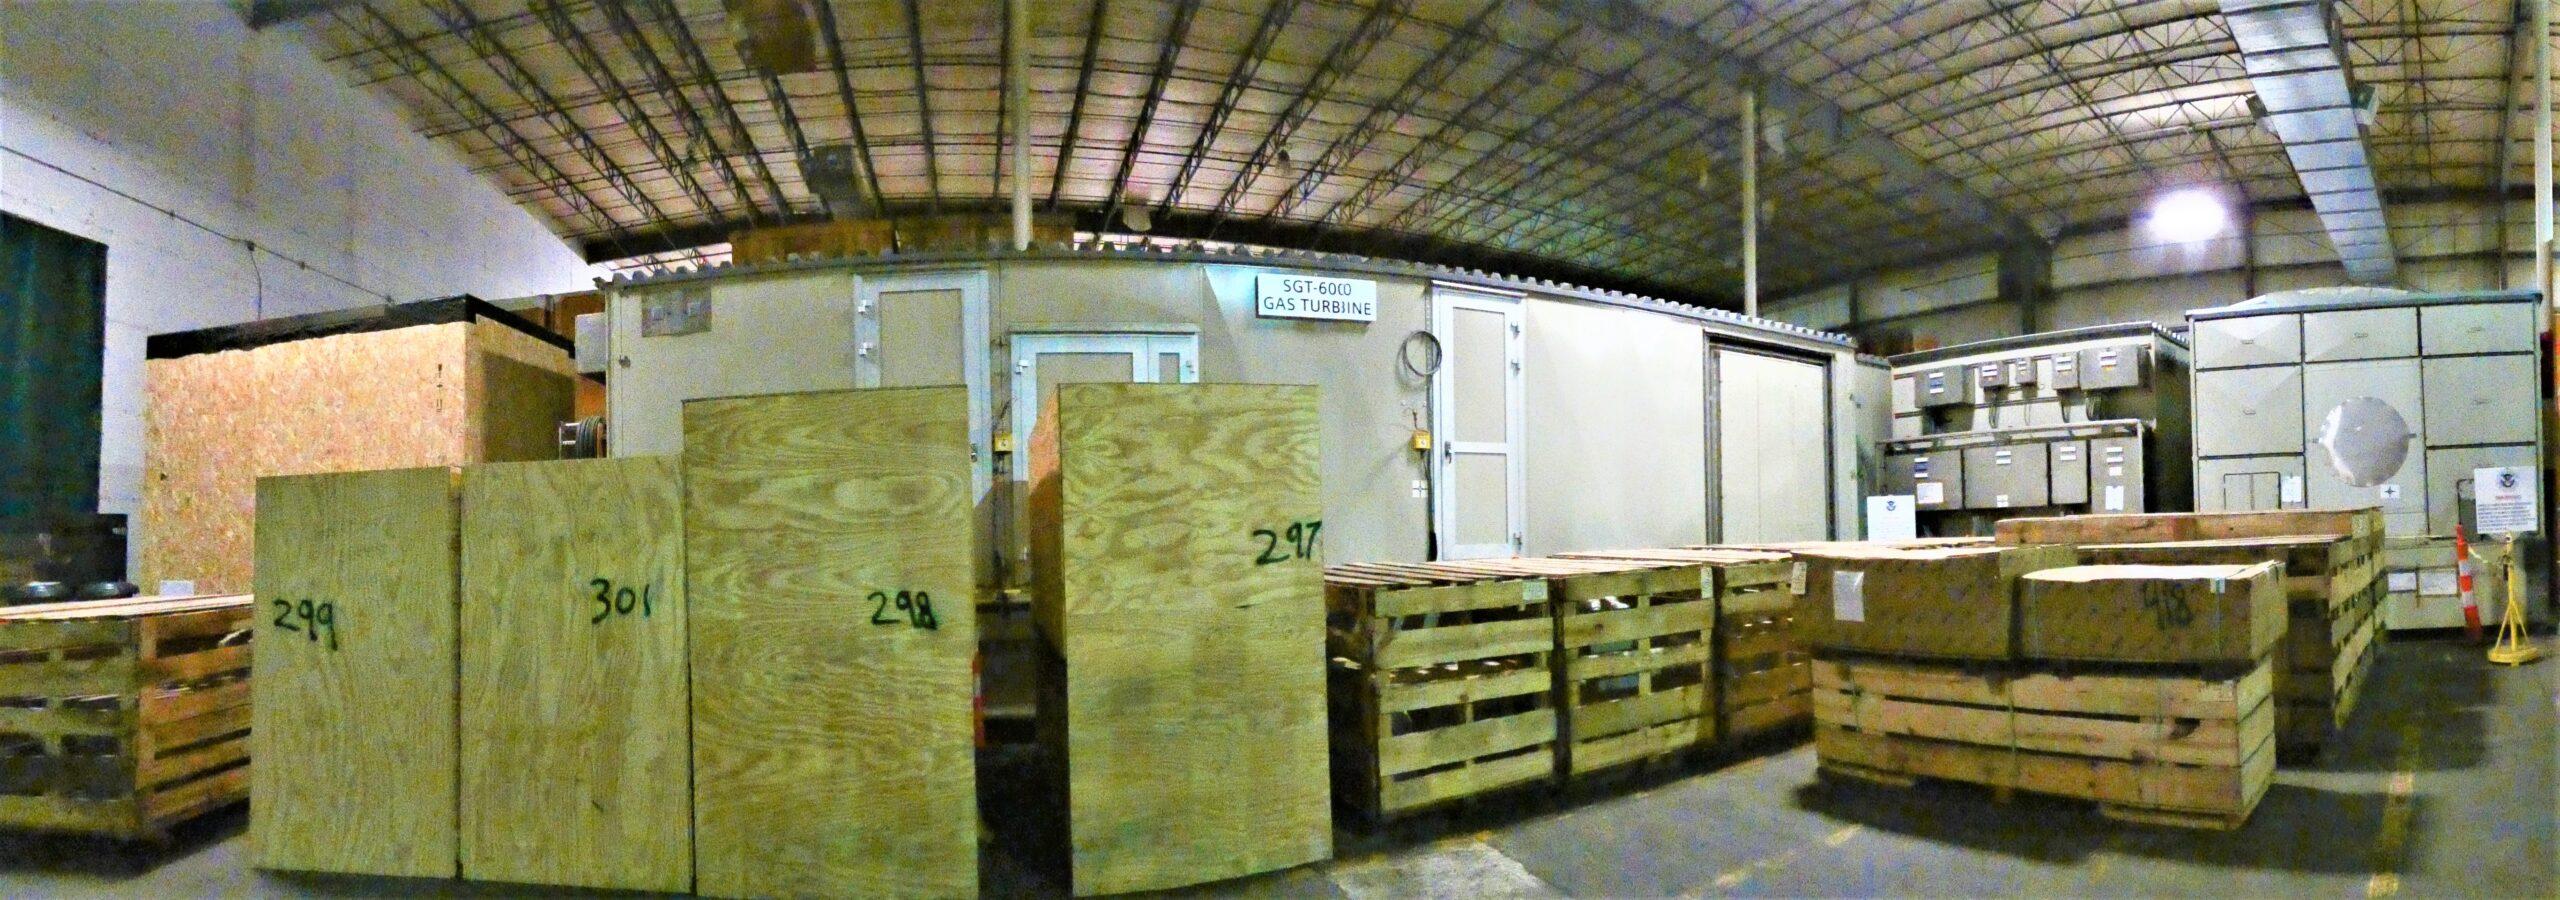 Outside FTZ Storage